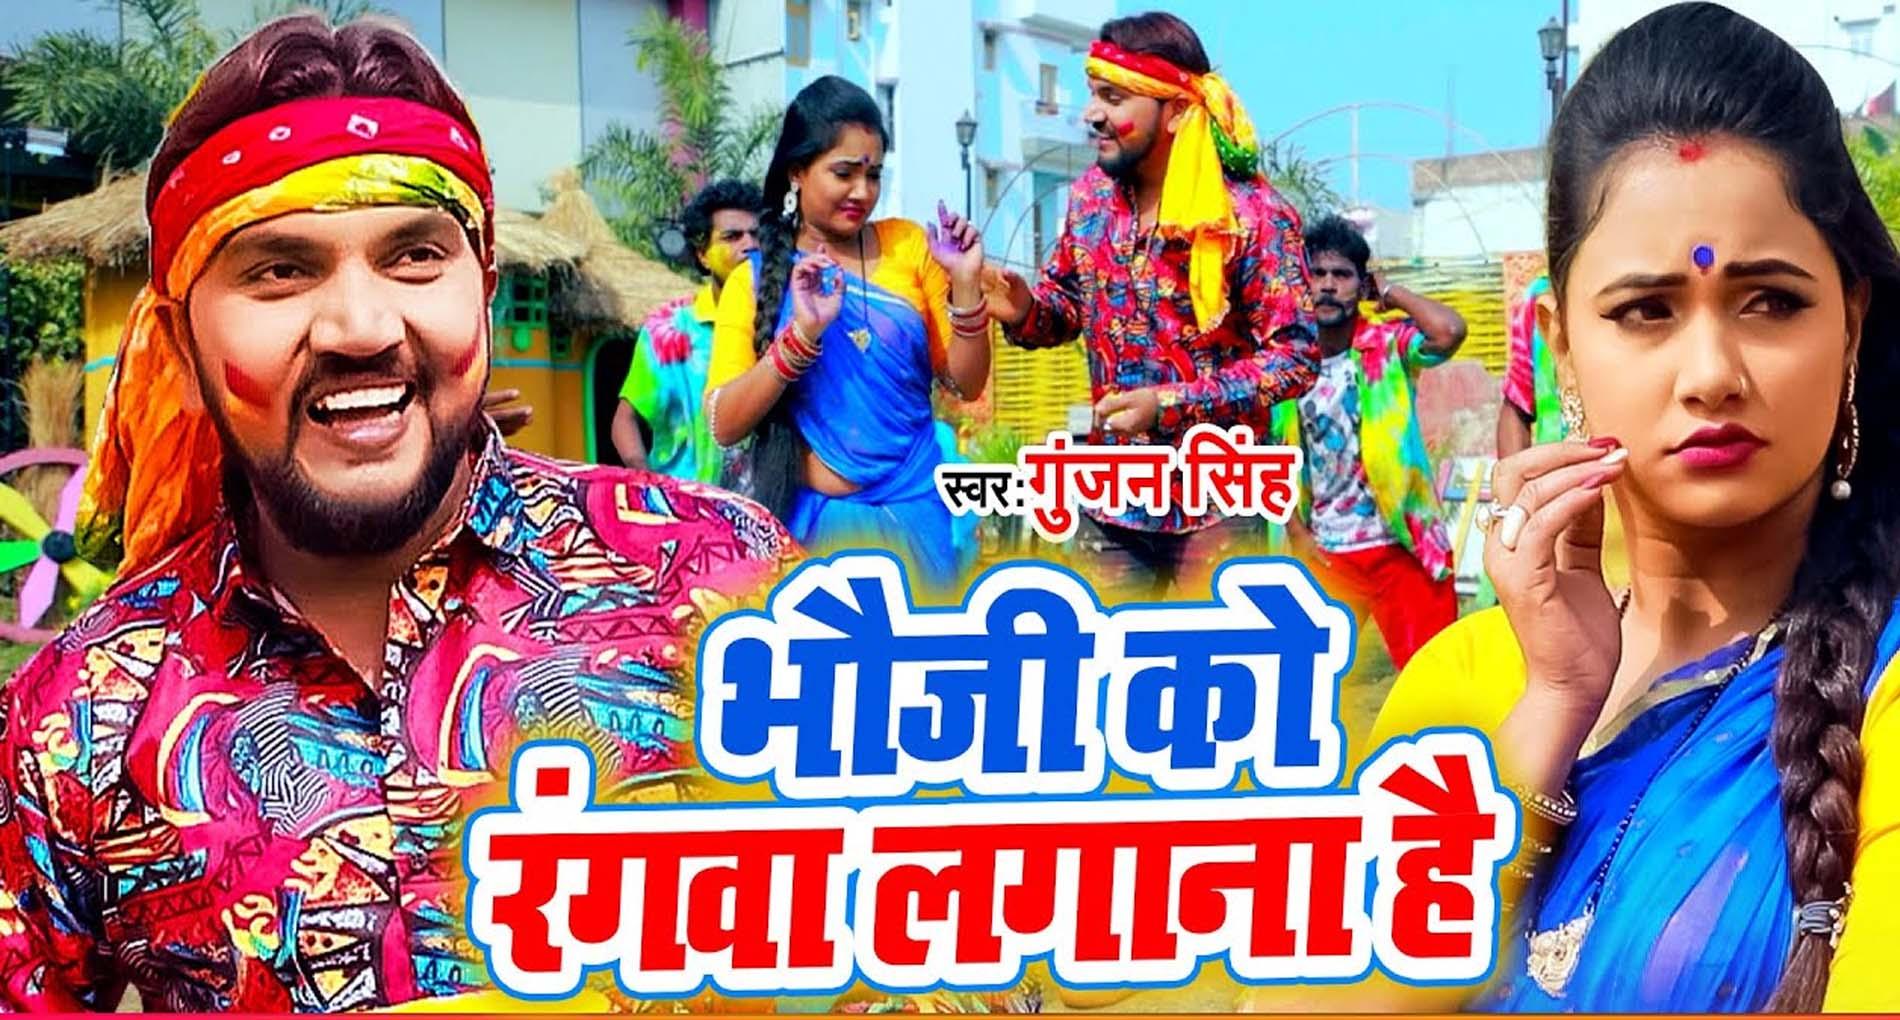 होली के मौके पर रिलीज हुआ गुंजन सिंह का गाना 'भौजी को रंगवा लगाना है'! देखें वीडियो